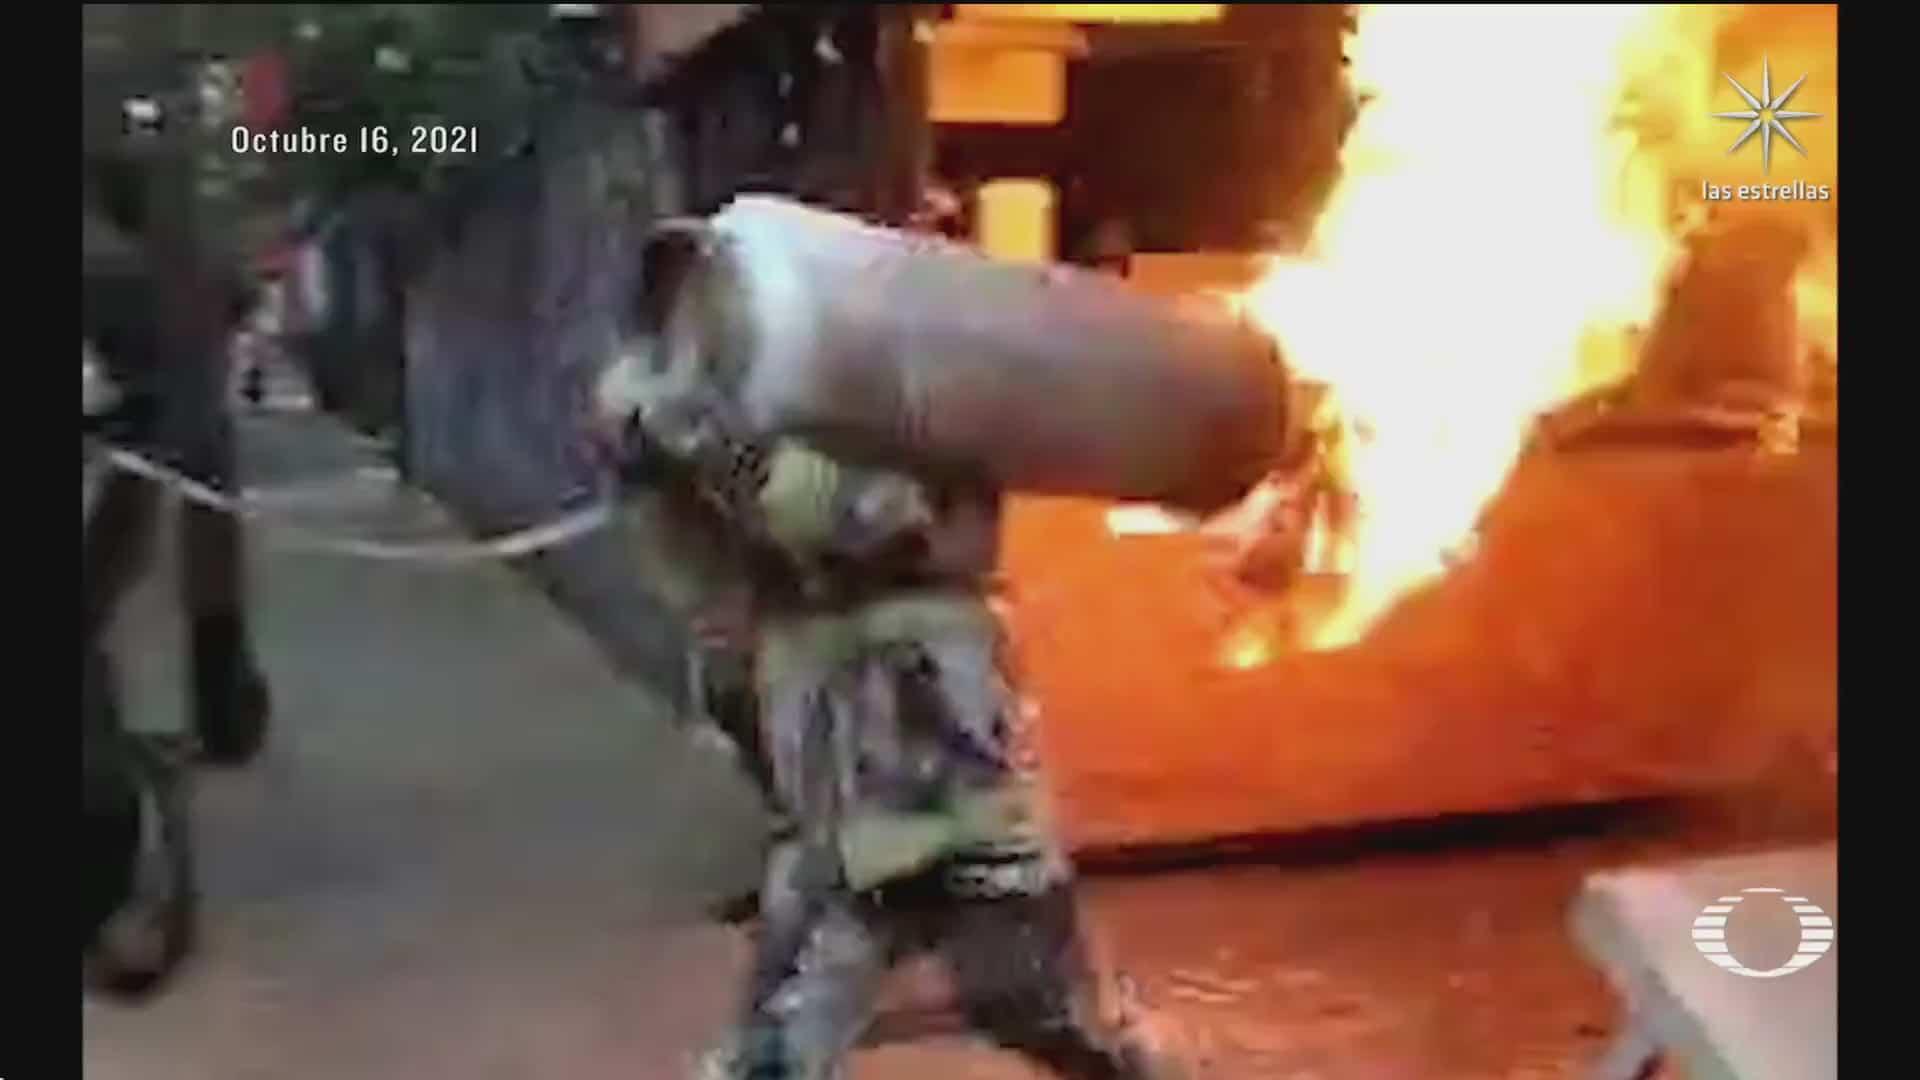 bombero saca tanque de gas en llamas de restaurante en la colonia del valle para evitar explosion